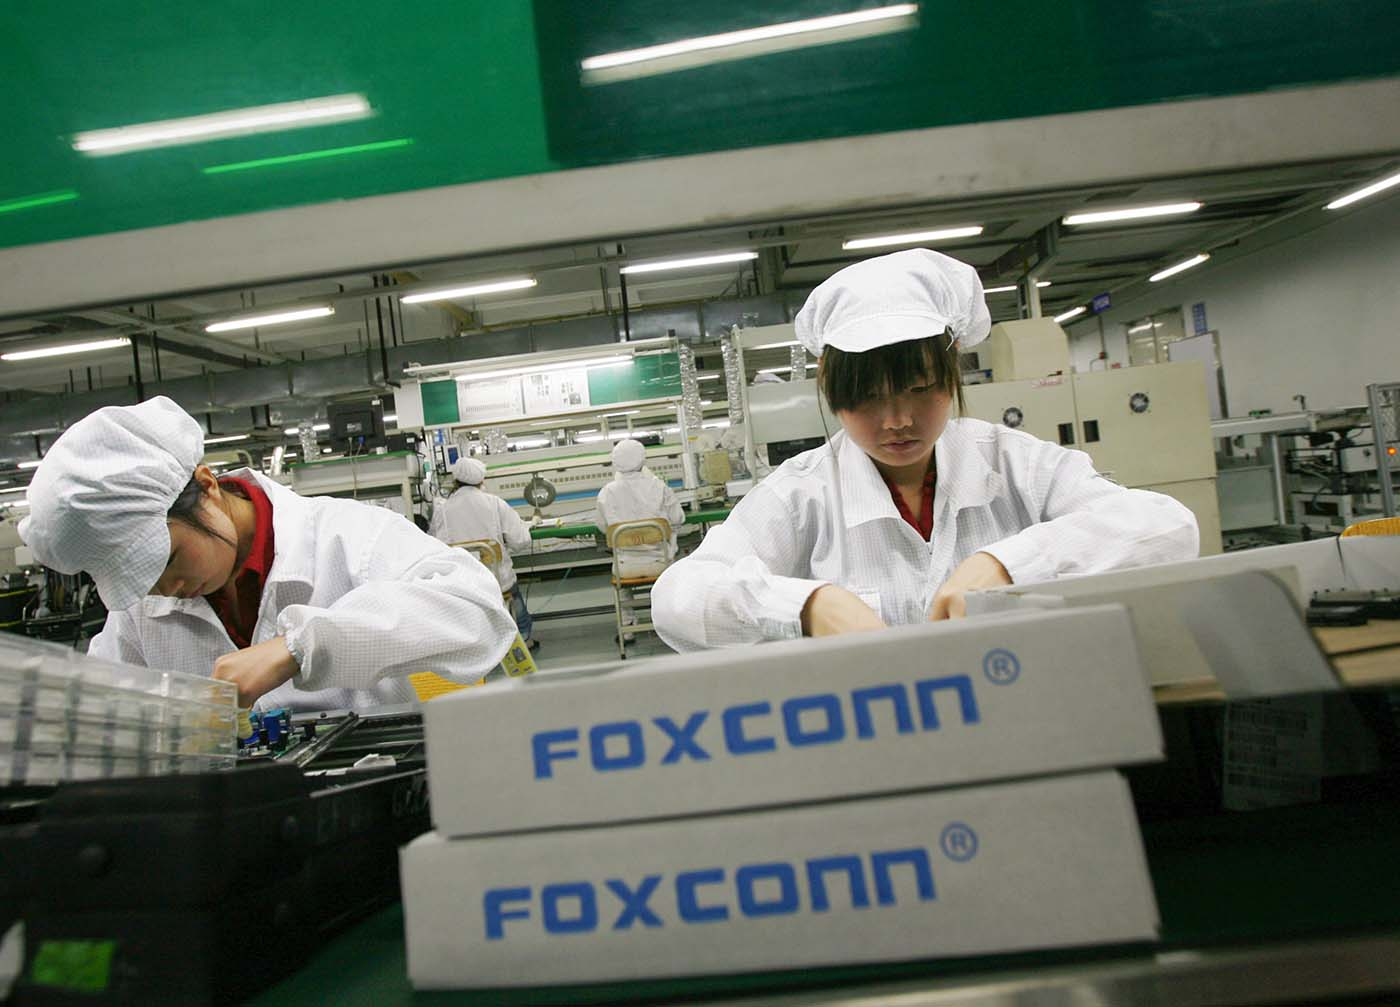 La próxima factoría de Foxconn no estará en China sino en el estado de Wisconsin en EEUU